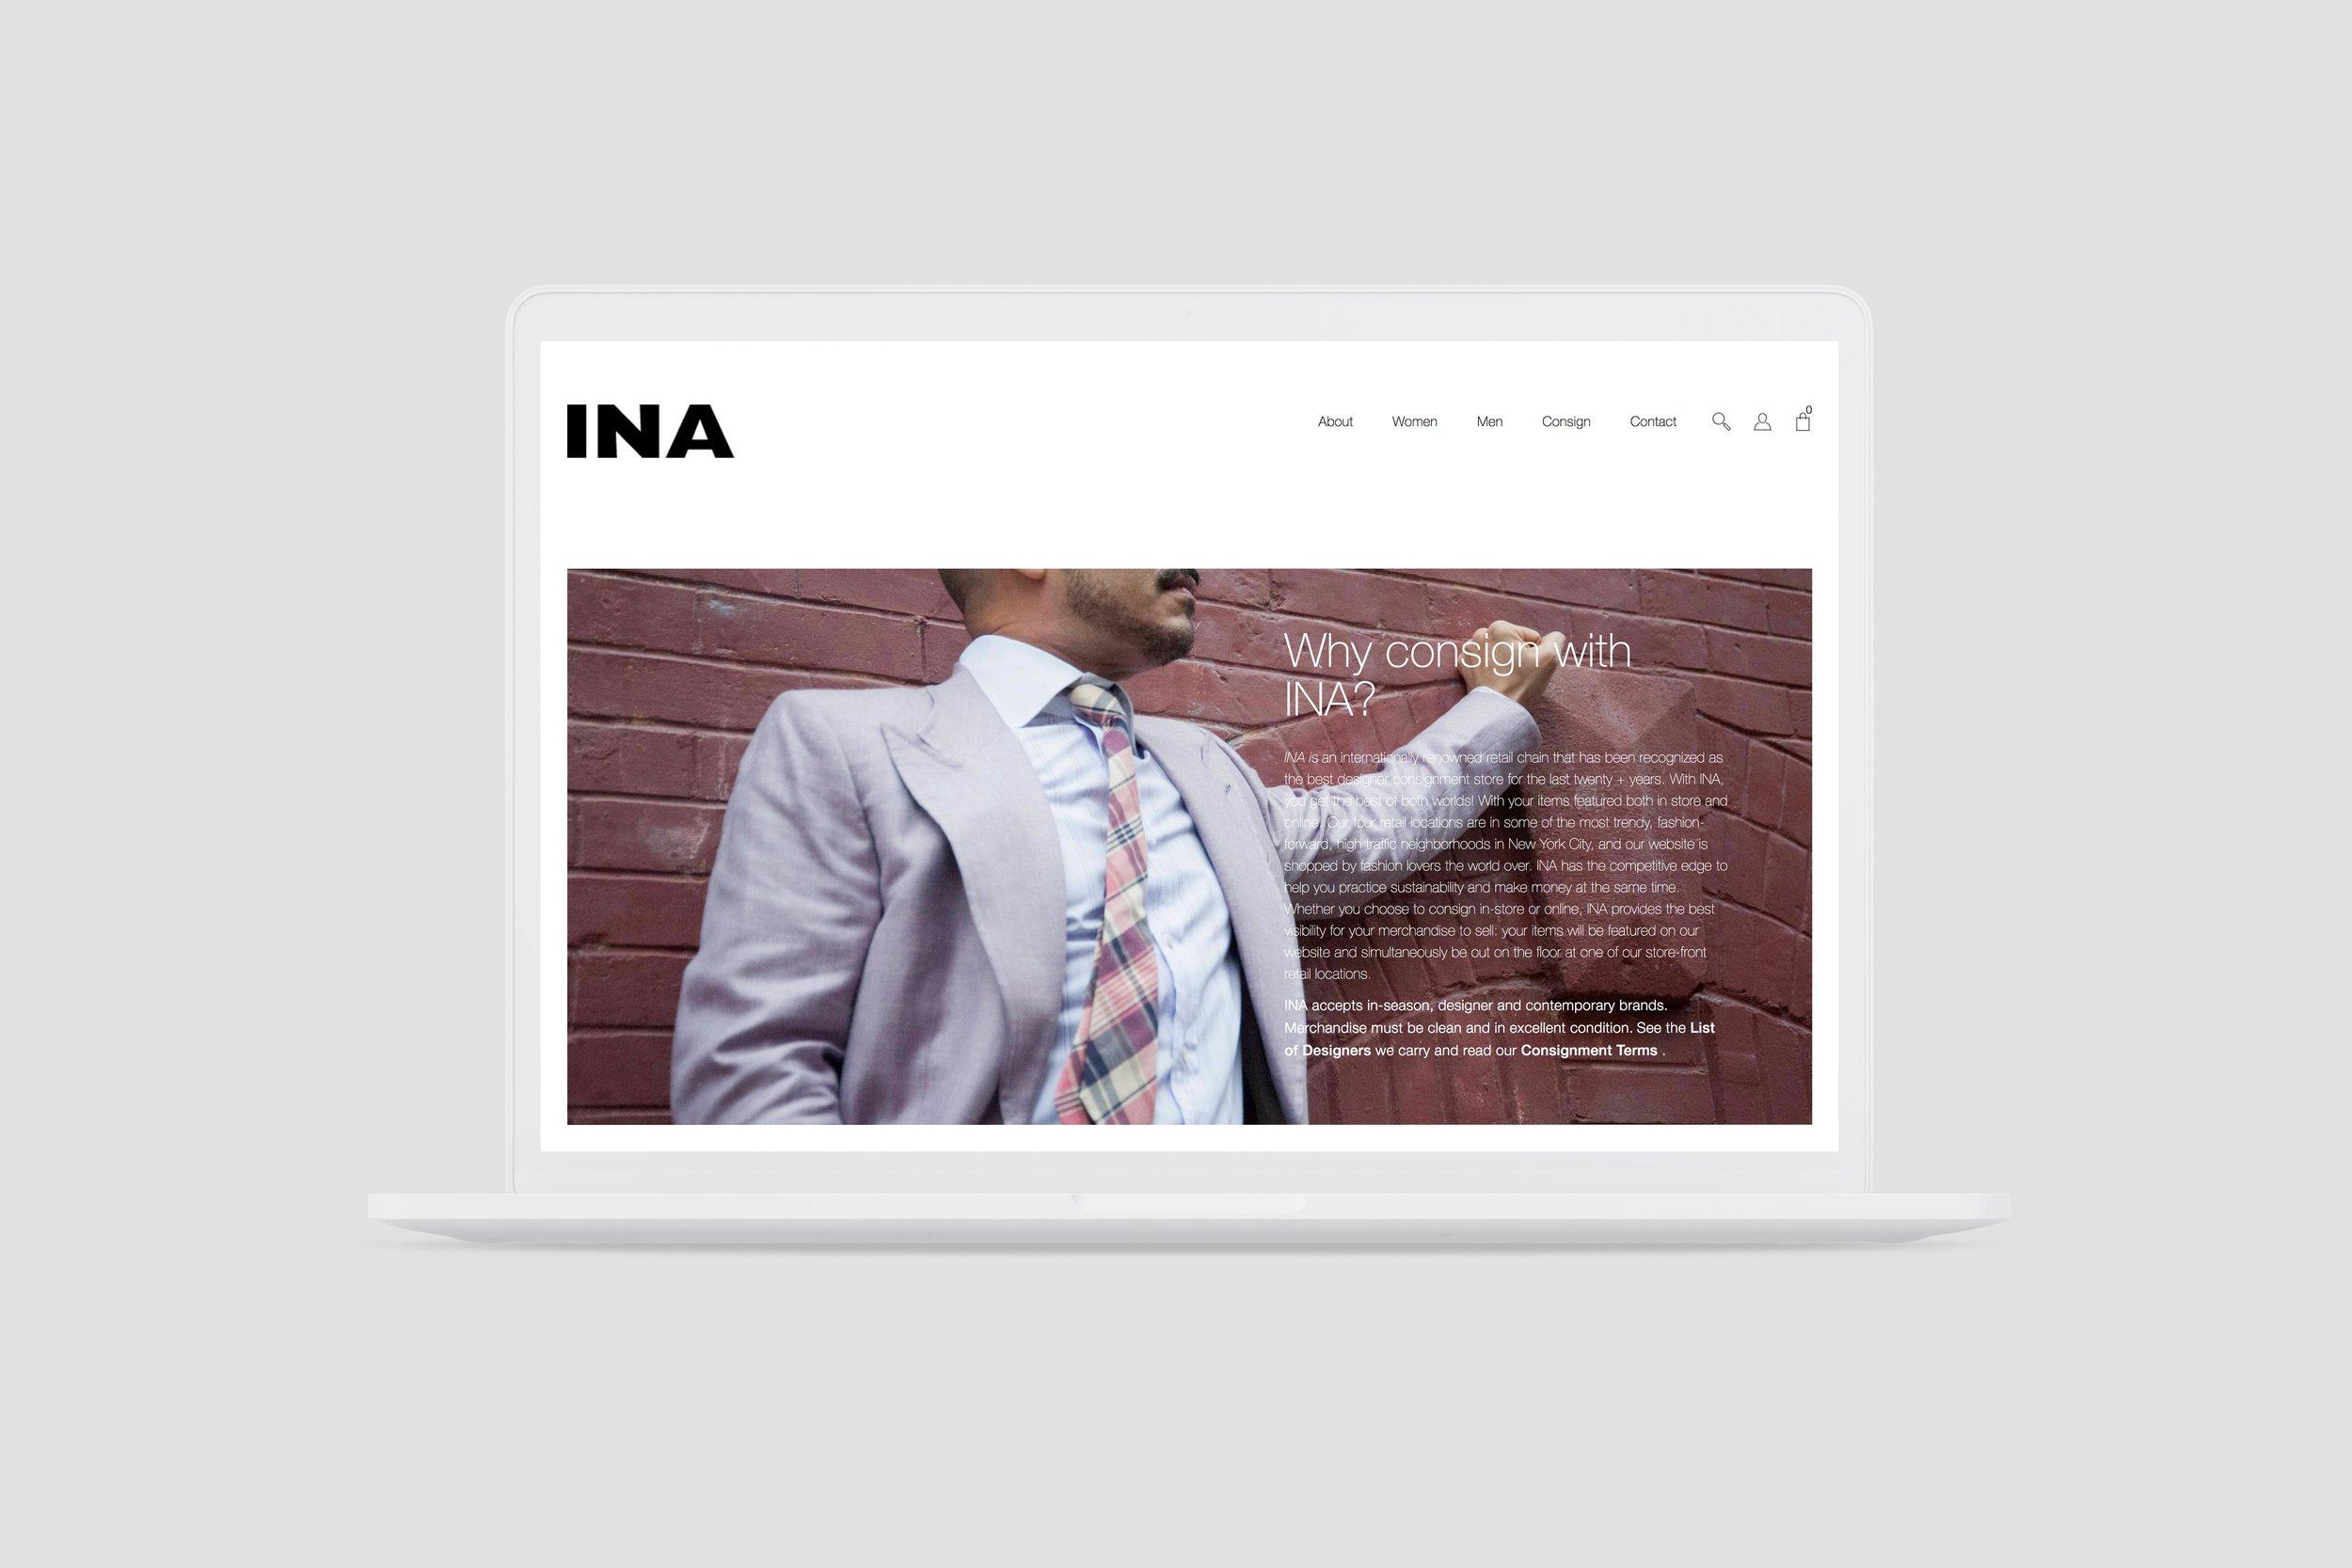 ina(8).jpg